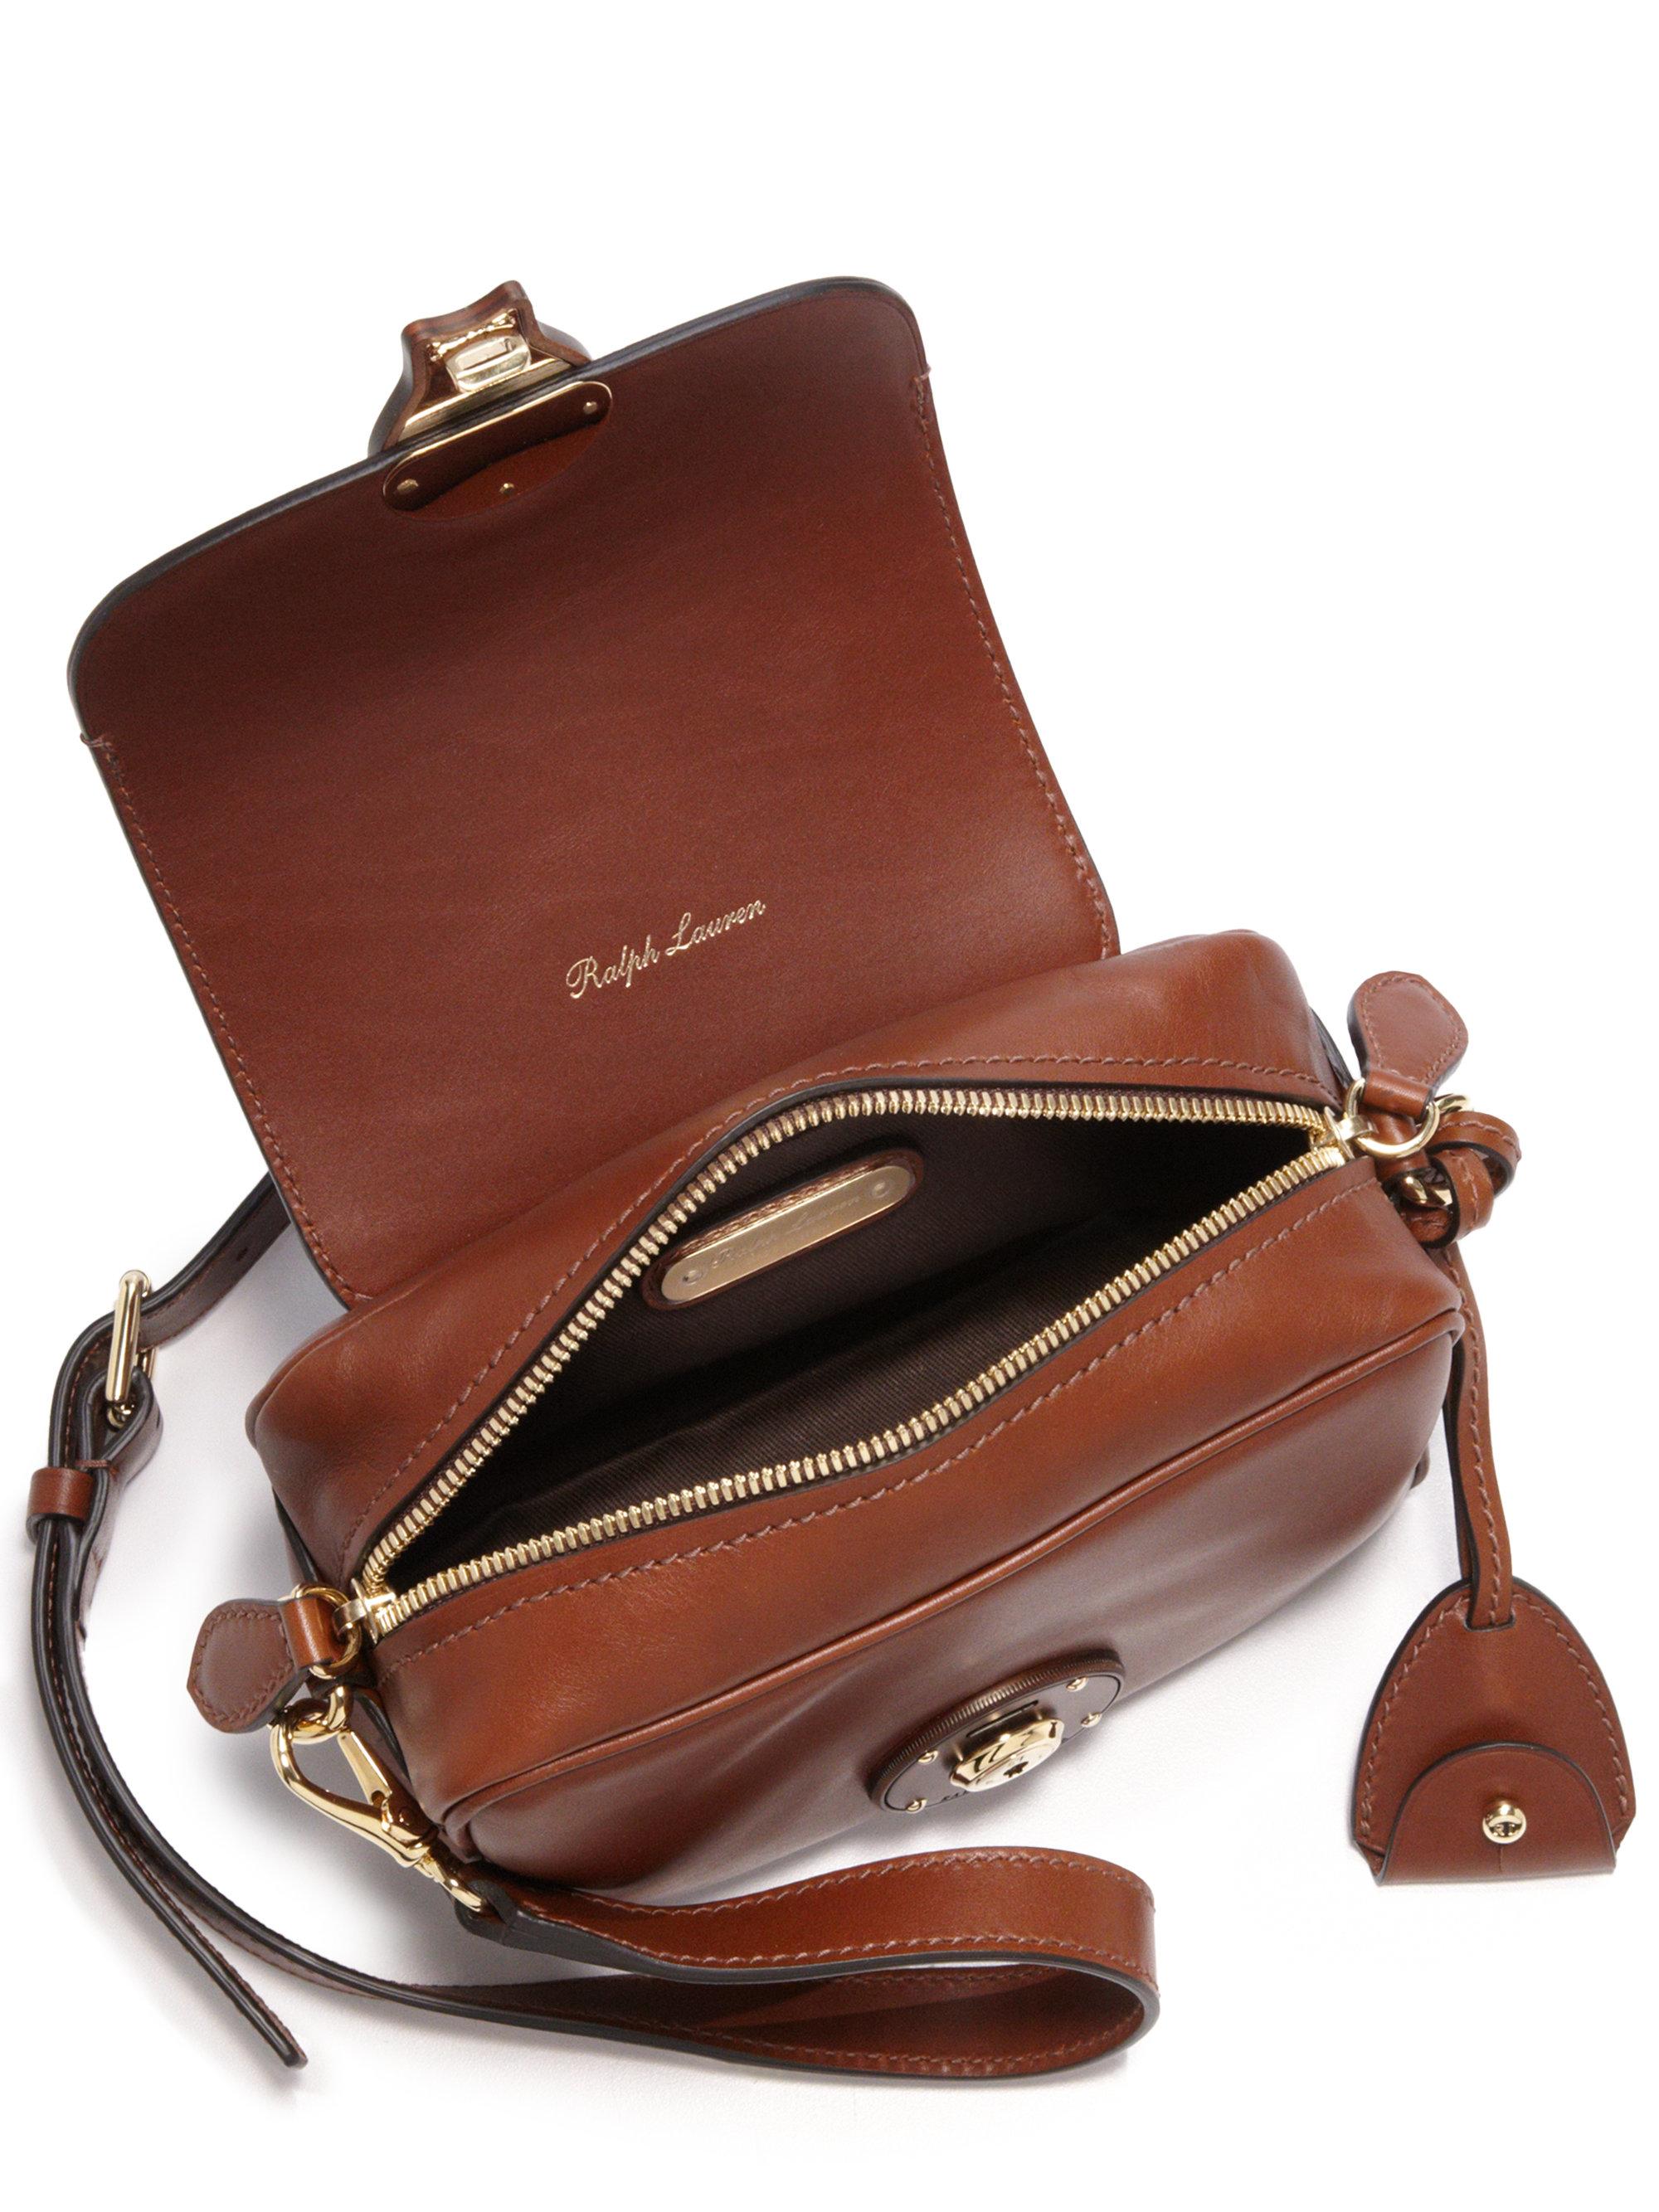 79ec179de3 Lyst - Ralph Lauren Ricky Extra-small Leather Zip Crossbody Bag in Brown